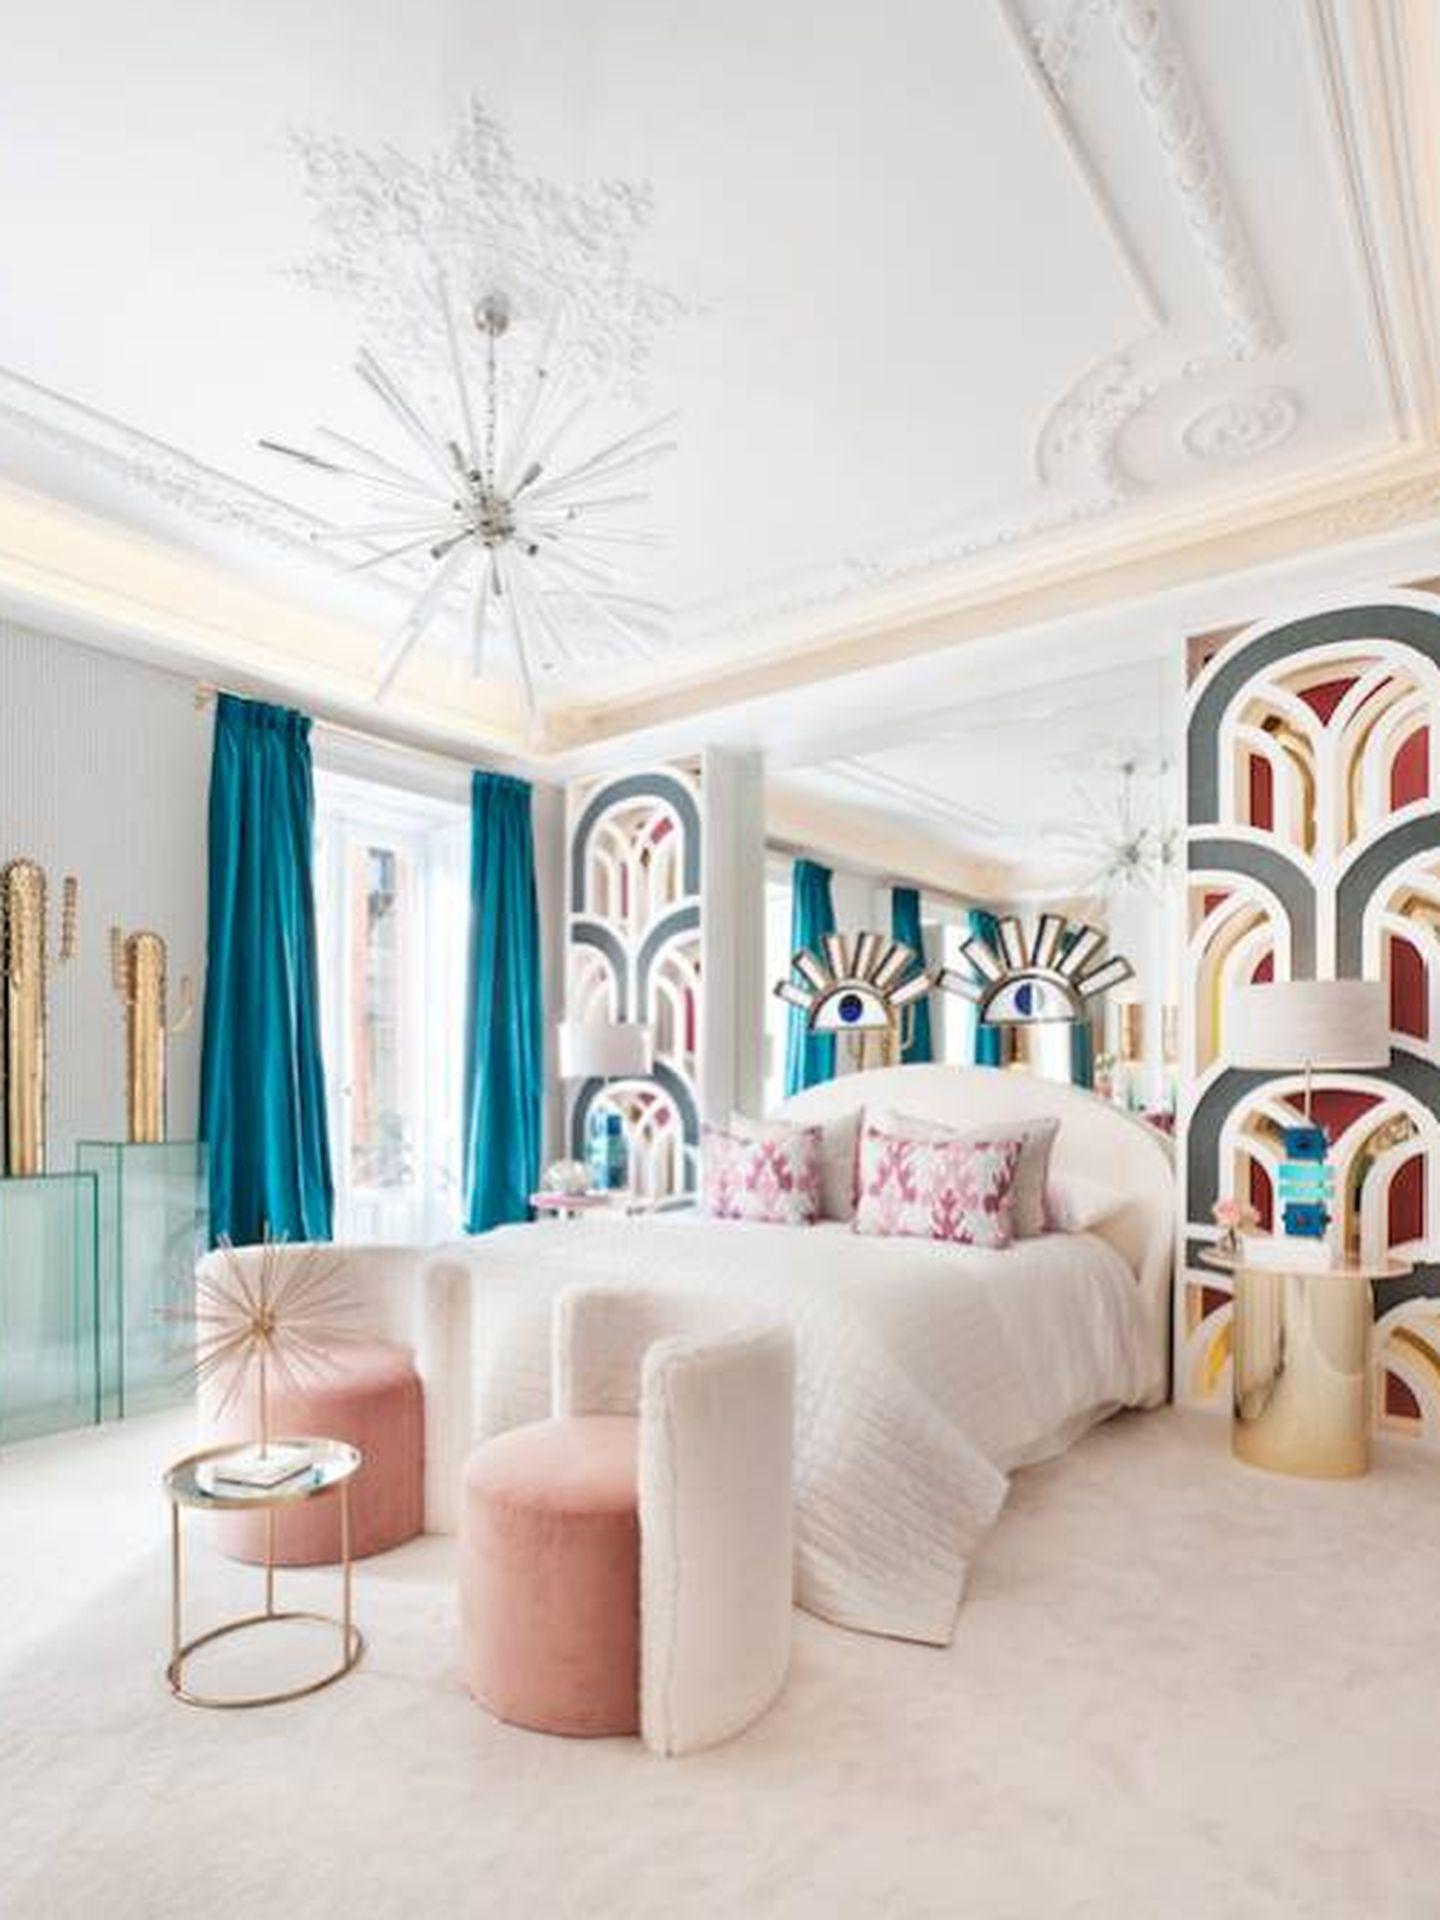 Detalle del colorista dormitorio Sweet Dreams de Nuria Alía. (Imagen: Cortesía/Casa Decor)